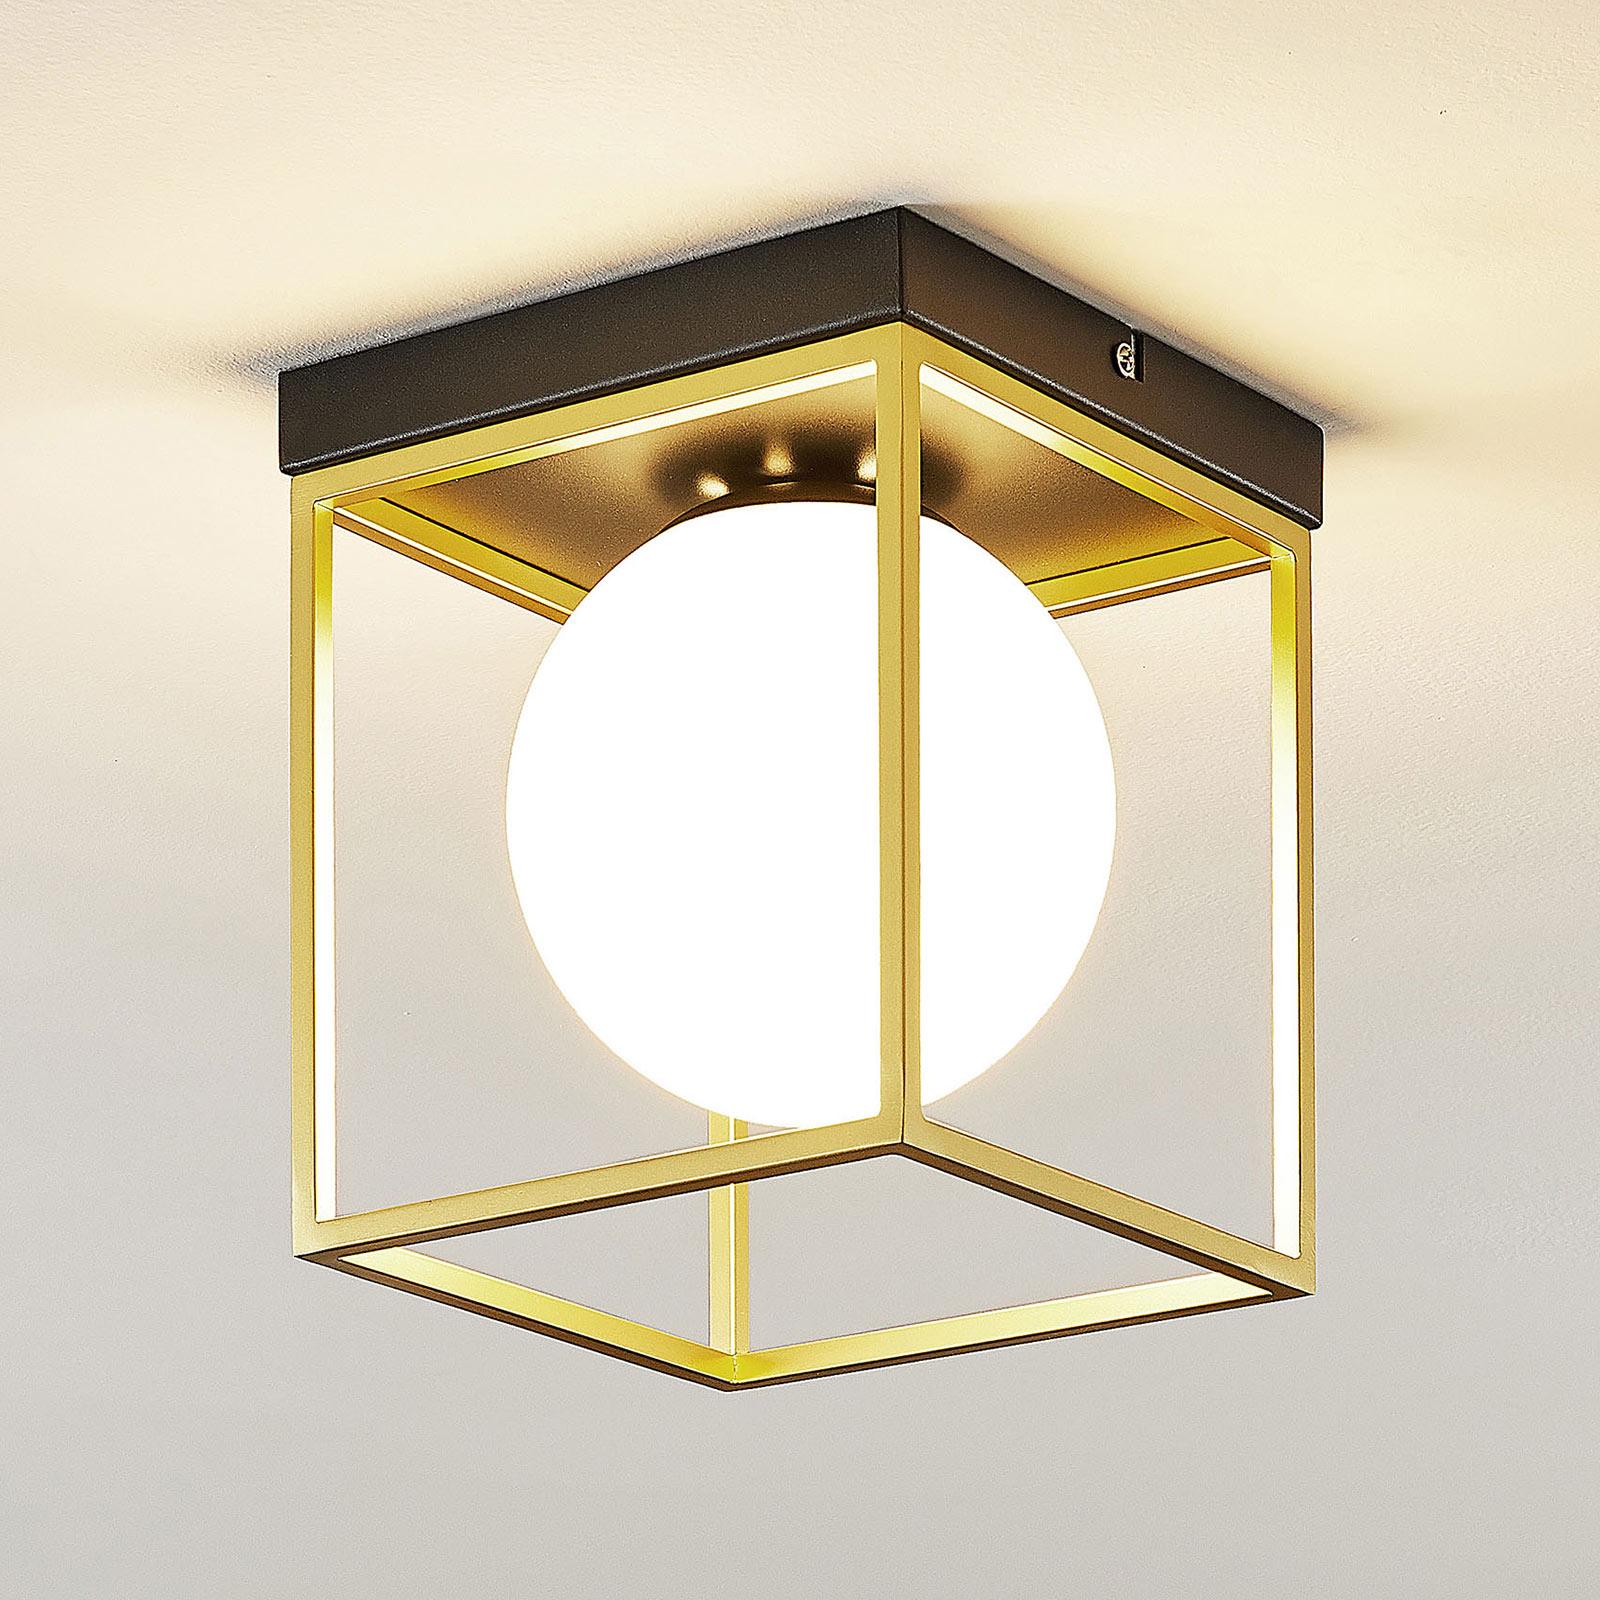 Lampa sufitowa Aloam z białą szklaną kulą, 1-pkt.